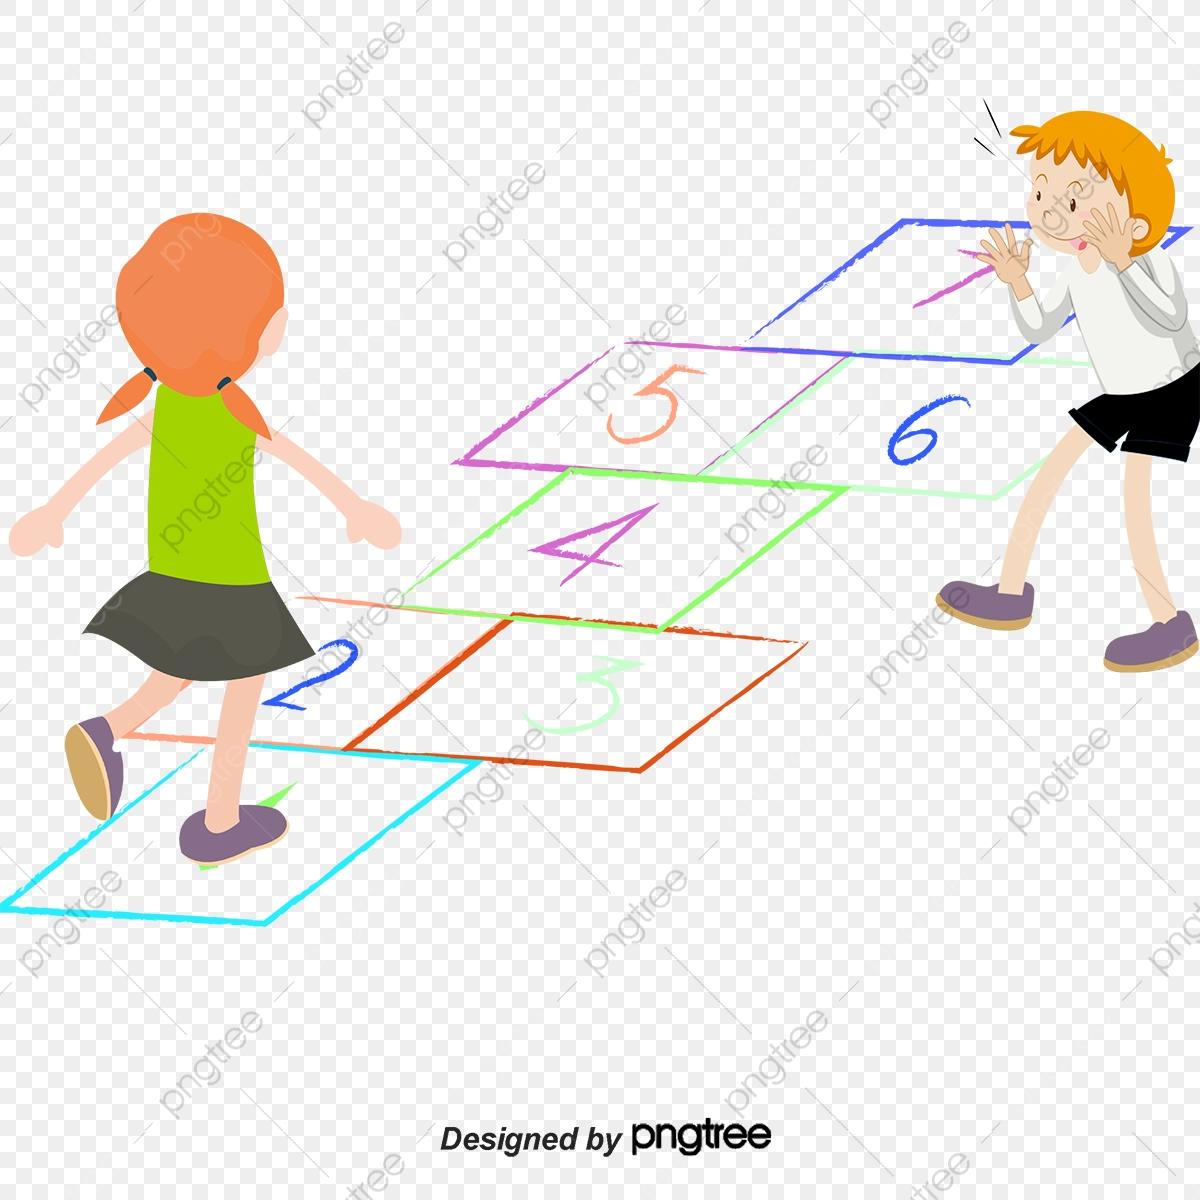 Jouer Les Enfants De Dessin De Jeu, Jouer Le Jeu, Dessin intérieur Jeux Enfant Dessin